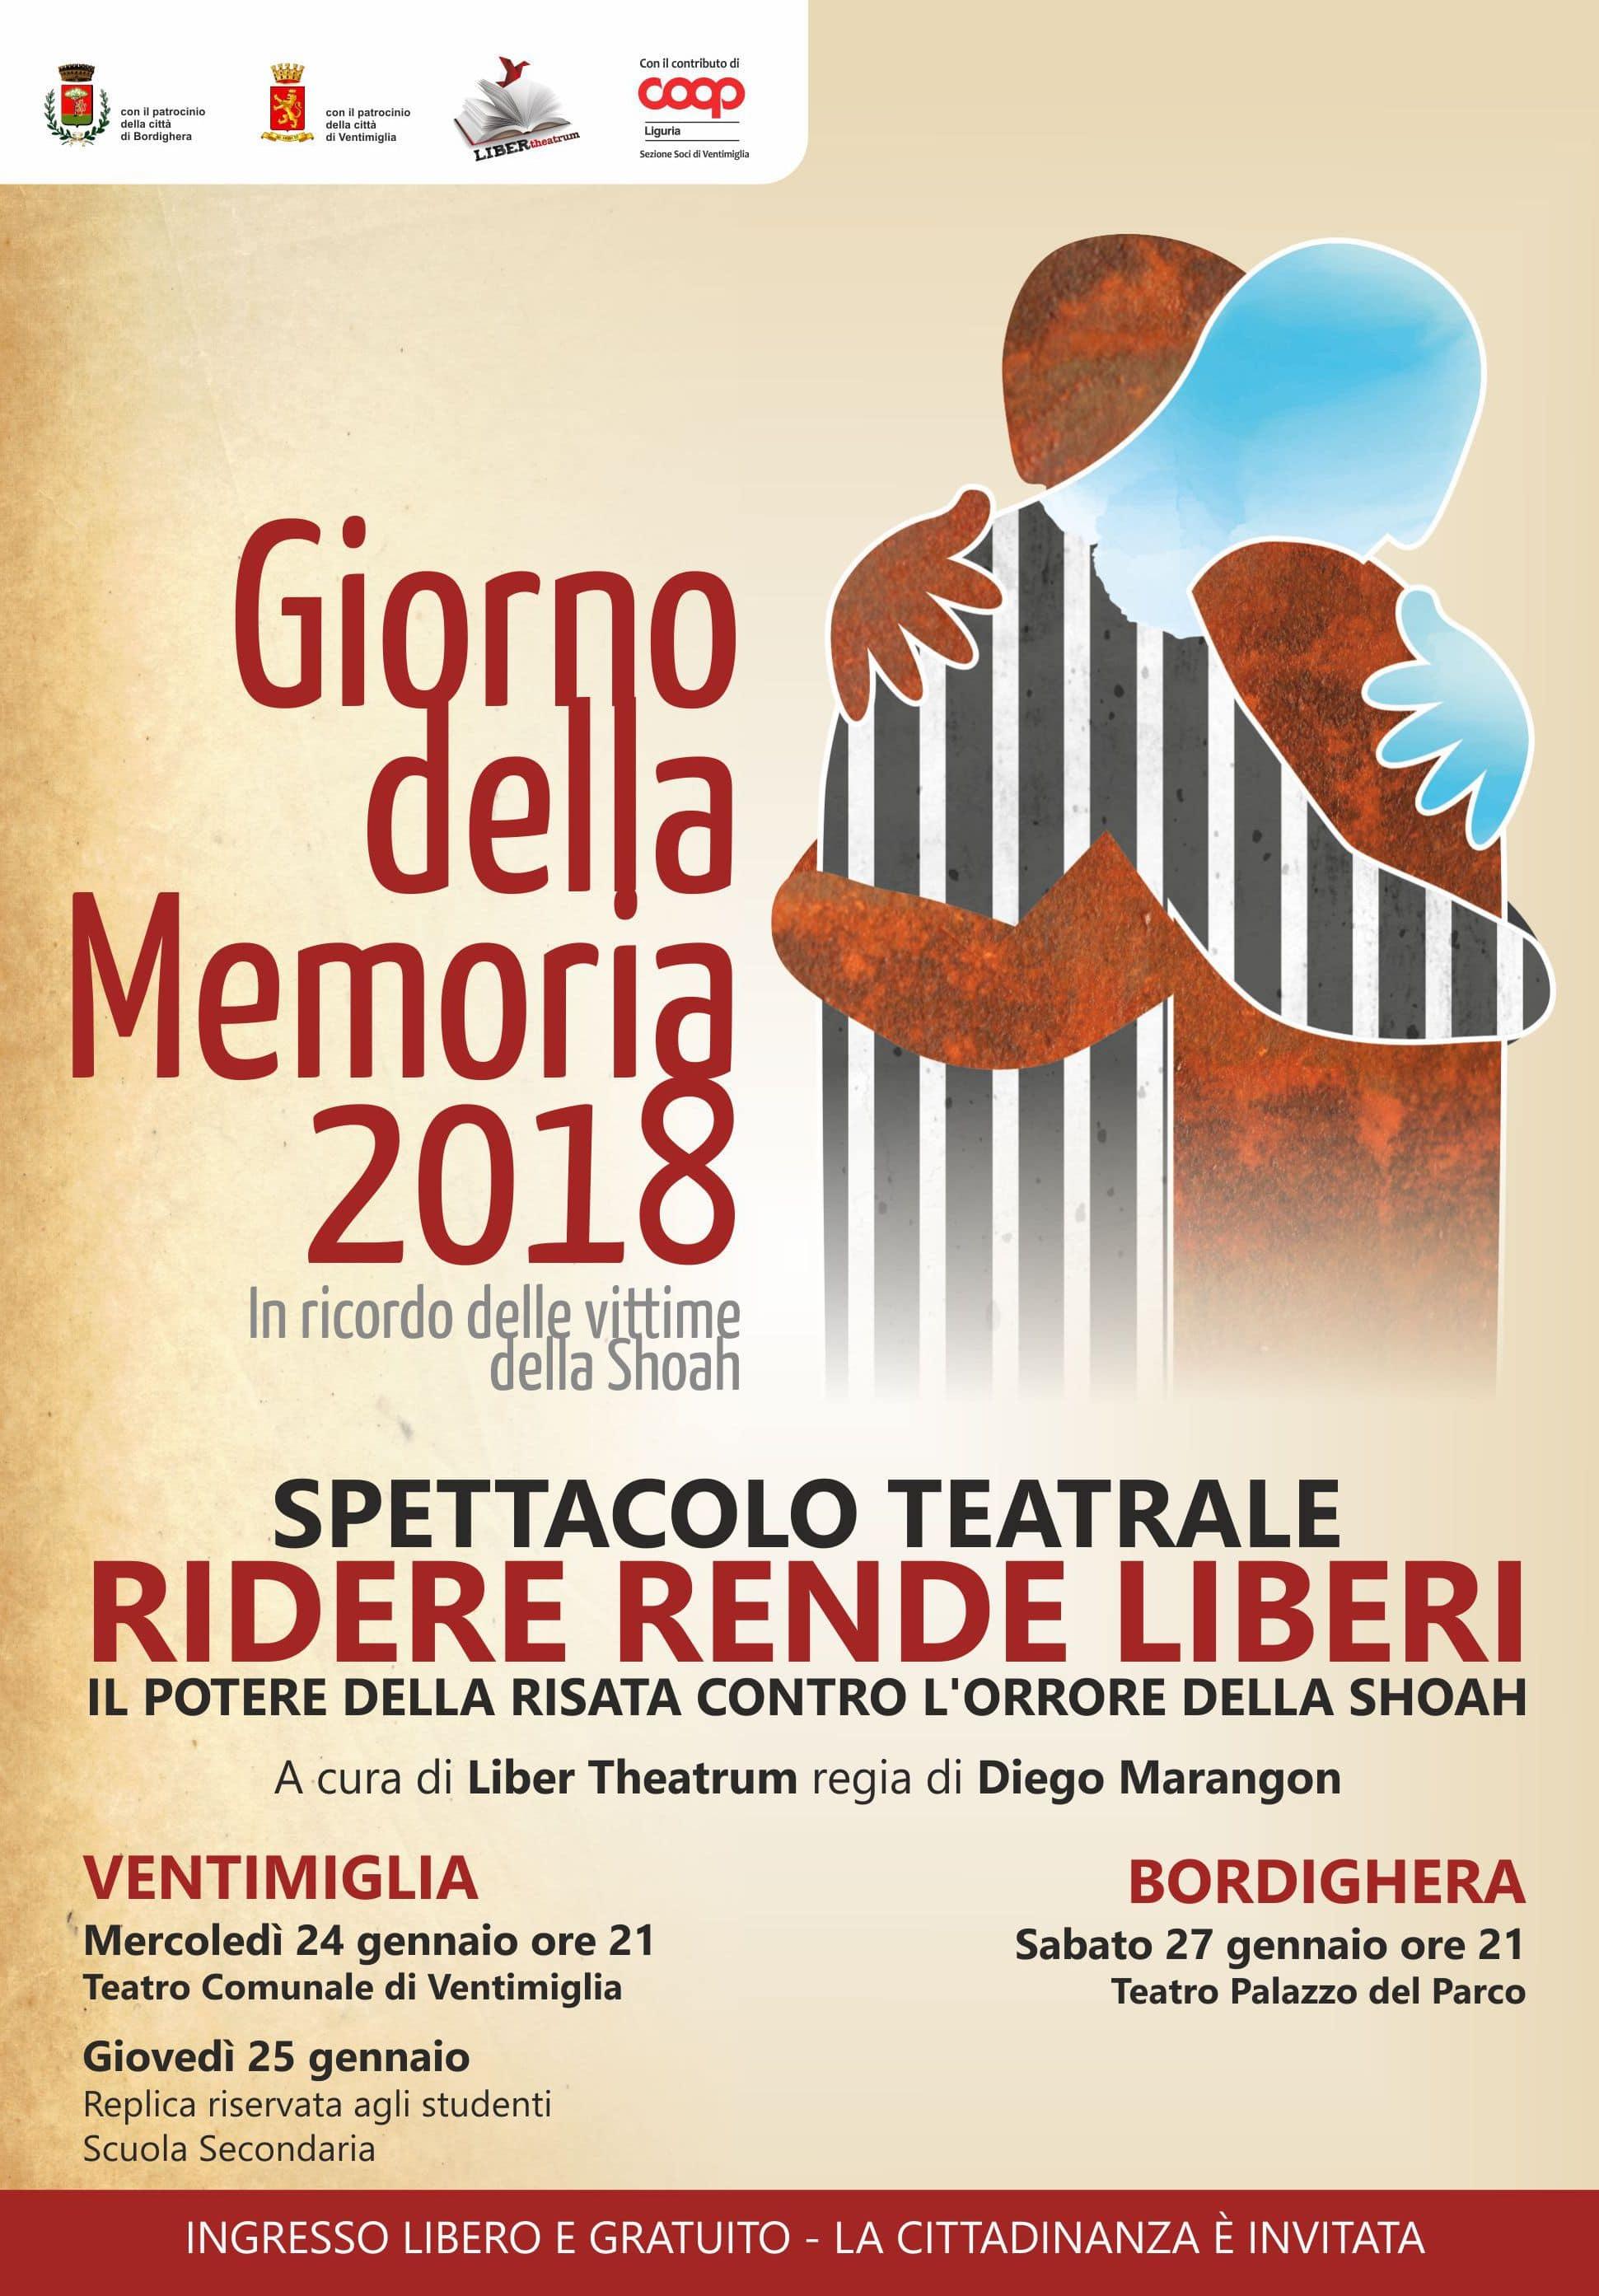 Anche quest'anno LIBER theatrum con la regia di Diego Marangon, sarà protagonista della Giornata della Memoria con un suo nuovissimo spettacolo teatrale – Ridere rende liberi – messo in scena,…